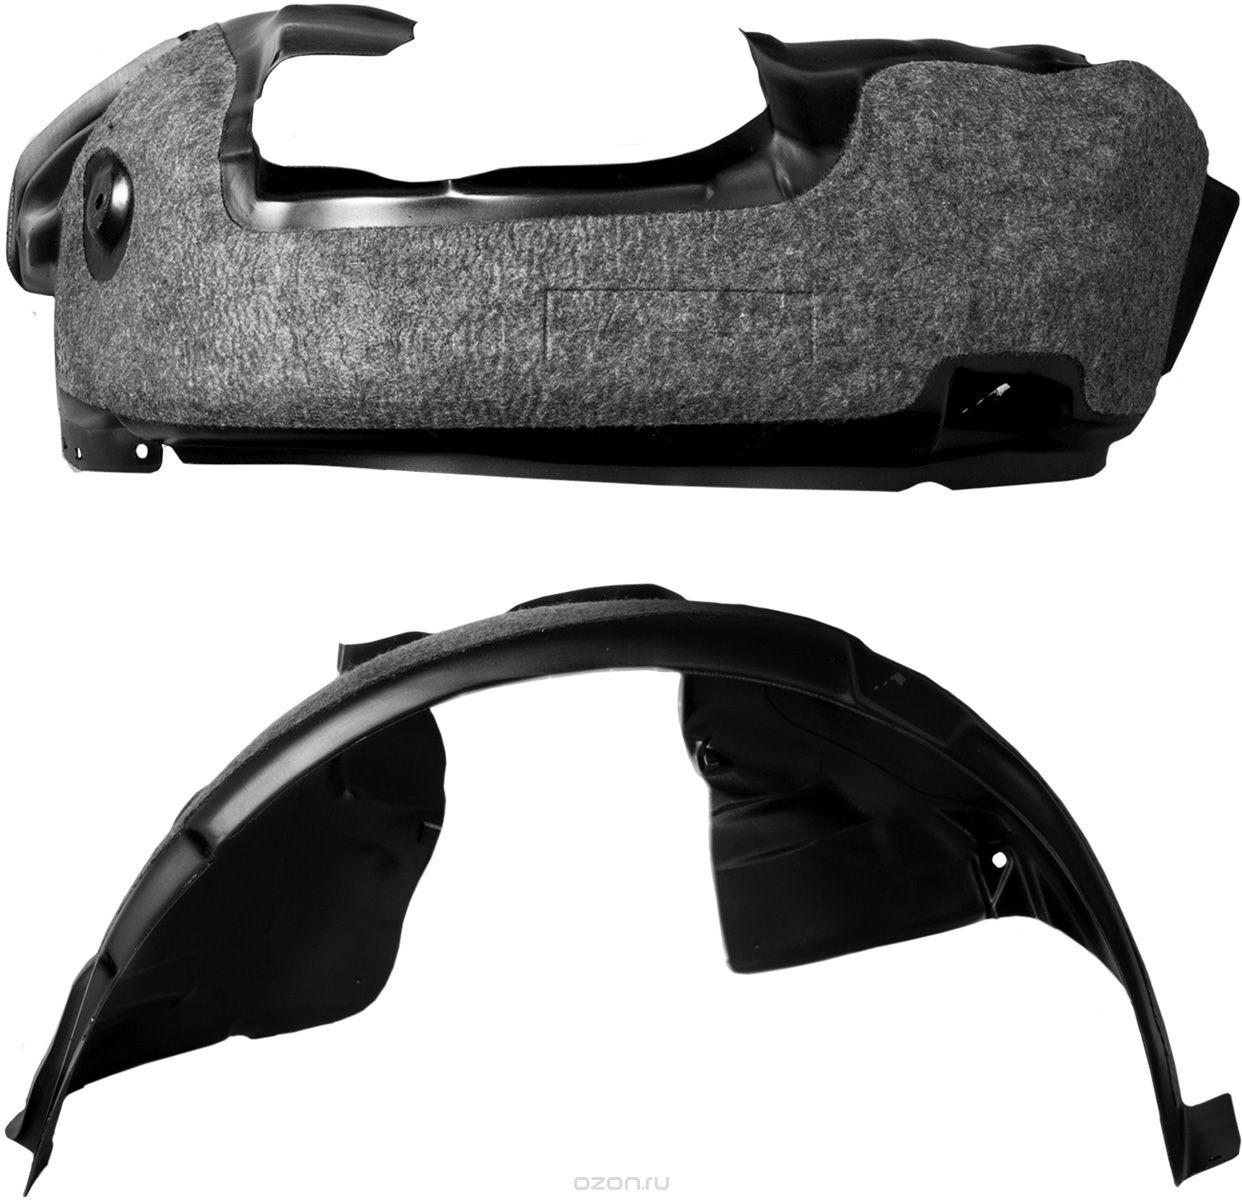 Подкрылок Novline-Autofamily с шумоизоляцией, для Suzuki Vitara, 03/2015->, задний левыйNLS.47.01.003Идеальная защита колесной ниши. Локеры разработаны с применением цифровых технологий, гарантируют максимальную повторяемость поверхности арки. Изделия устанавливаются без нарушения лакокрасочного покрытия автомобиля, каждый подкрылок комплектуется крепежом. Уважаемые клиенты, обращаем ваше внимание, что фотографии на подкрылки универсальные и не отражают реальную форму изделия. При этом само изделие идет точно под размер указанного автомобиля.